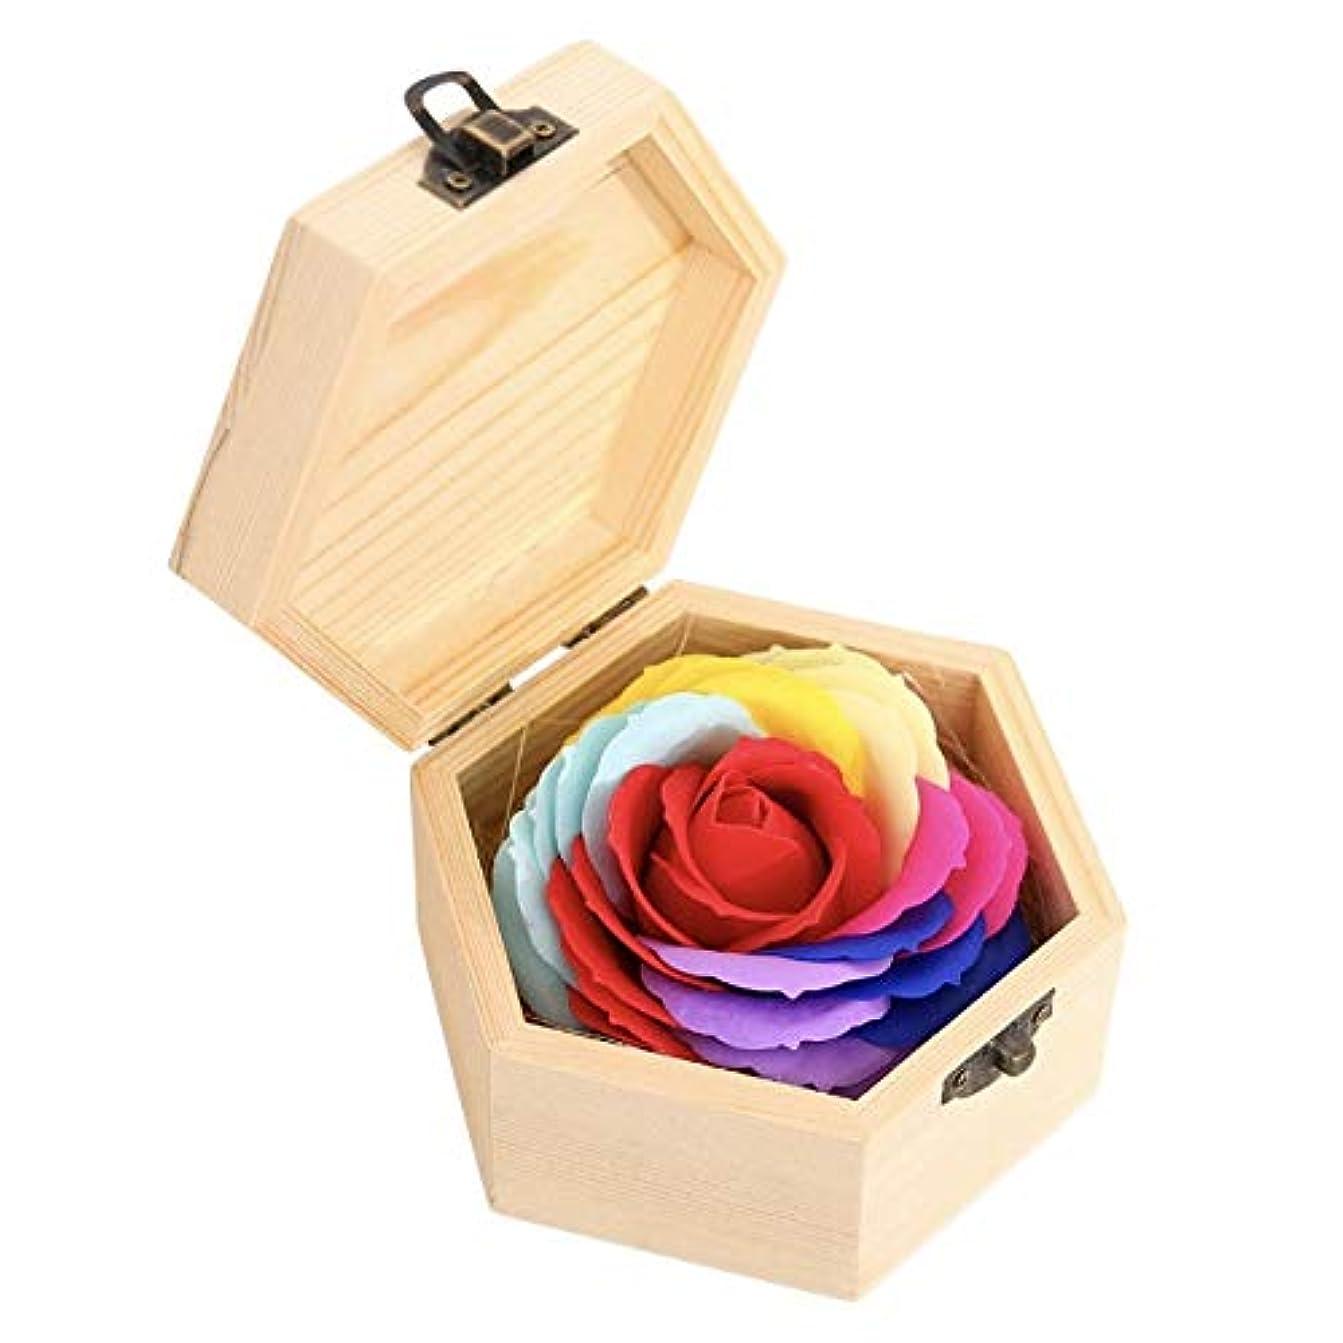 漁師アンプ砂タイガーリー。 バスソープ 花 バラ クリエイティブギフト 木製ボックス付き パーティー用品